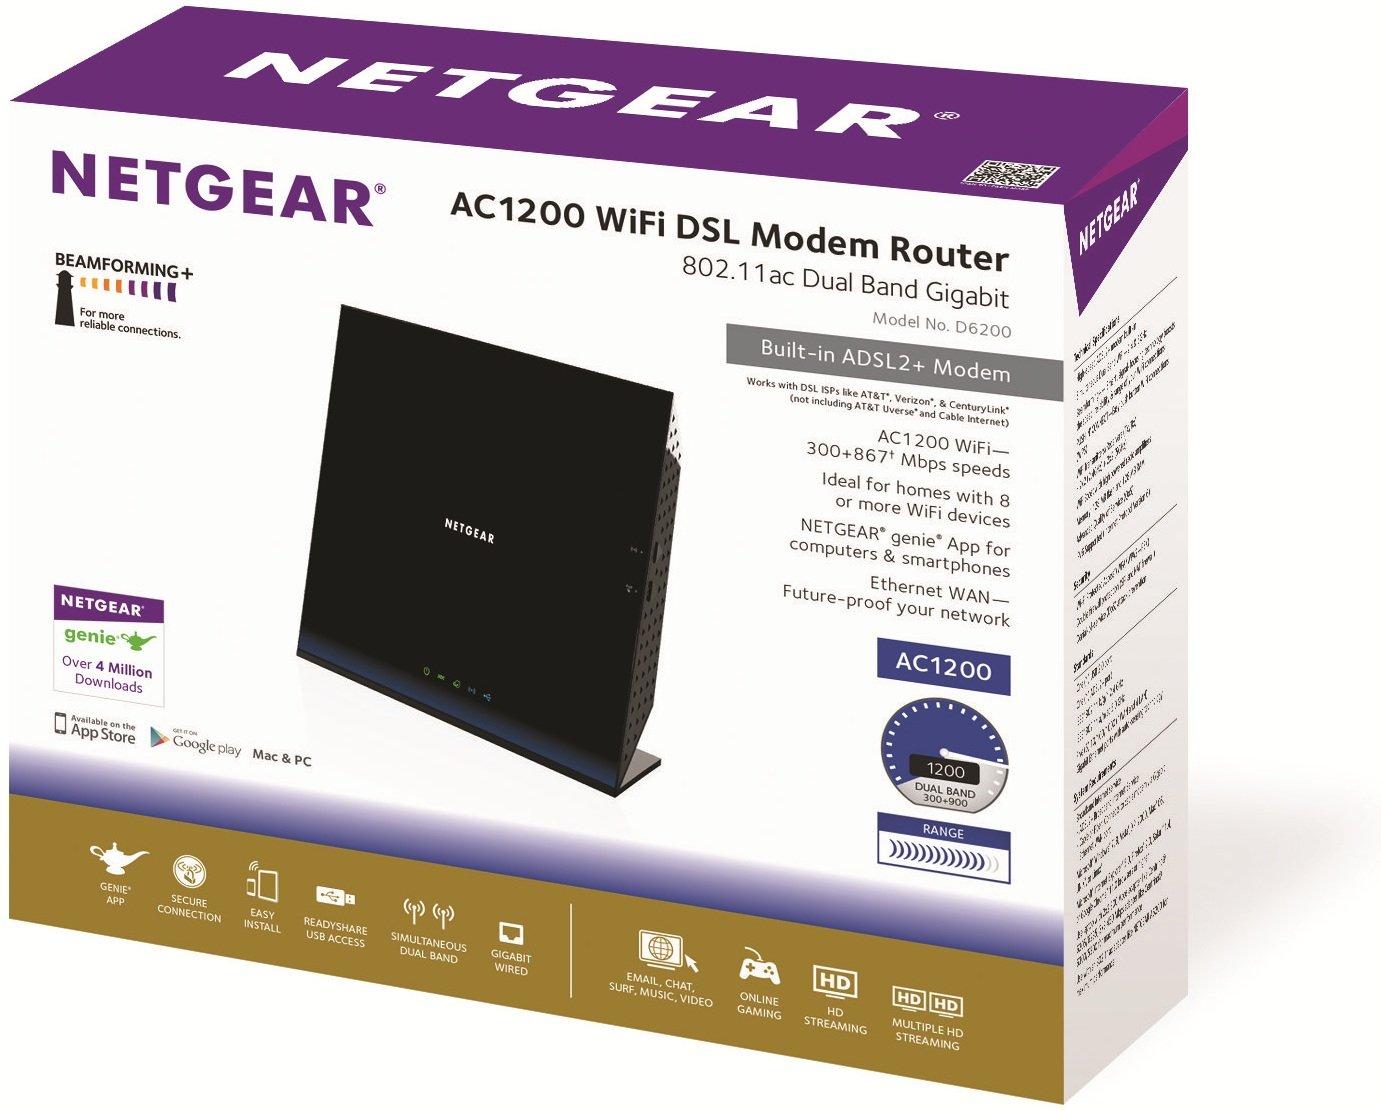 NETGEAR AC1200 WiFi DSL D6200 Non-Cable Modem Router 802.11ac Dual ...